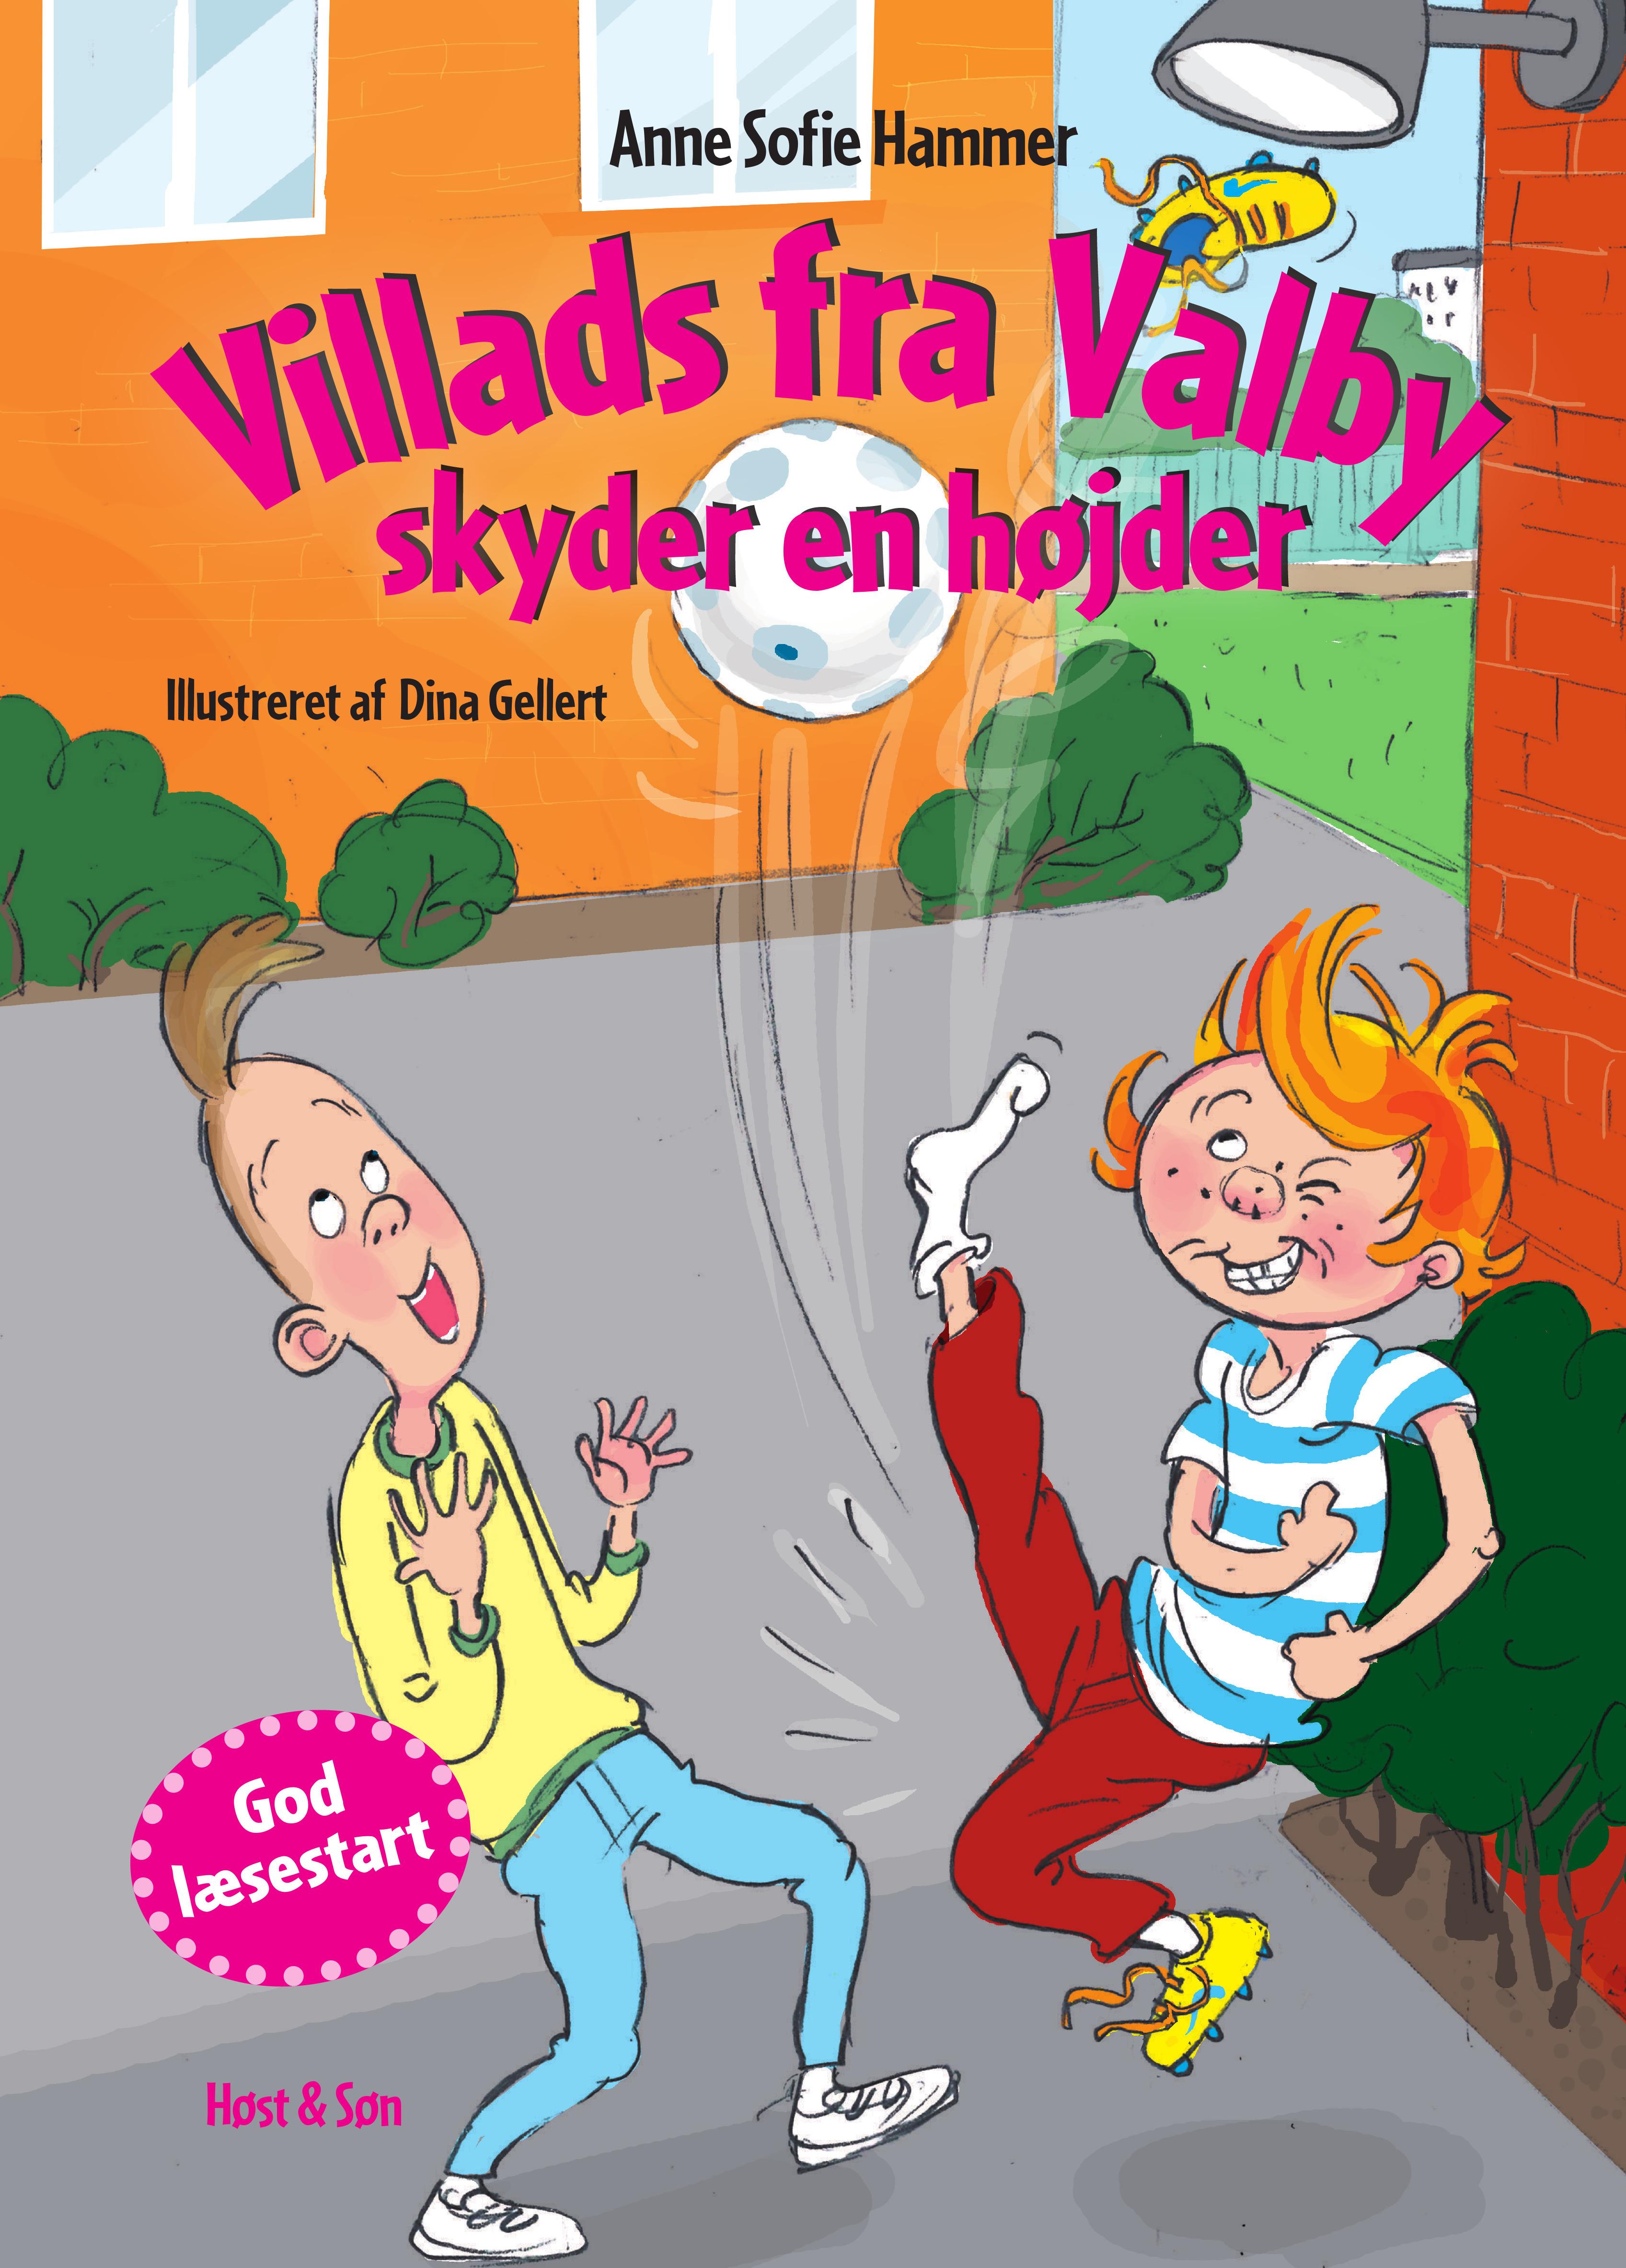 Villads fra Valby skyder en højder - Anne Sofie Hammer - Bøger - Høst og Søn - 9788702316735 - March 19, 2021